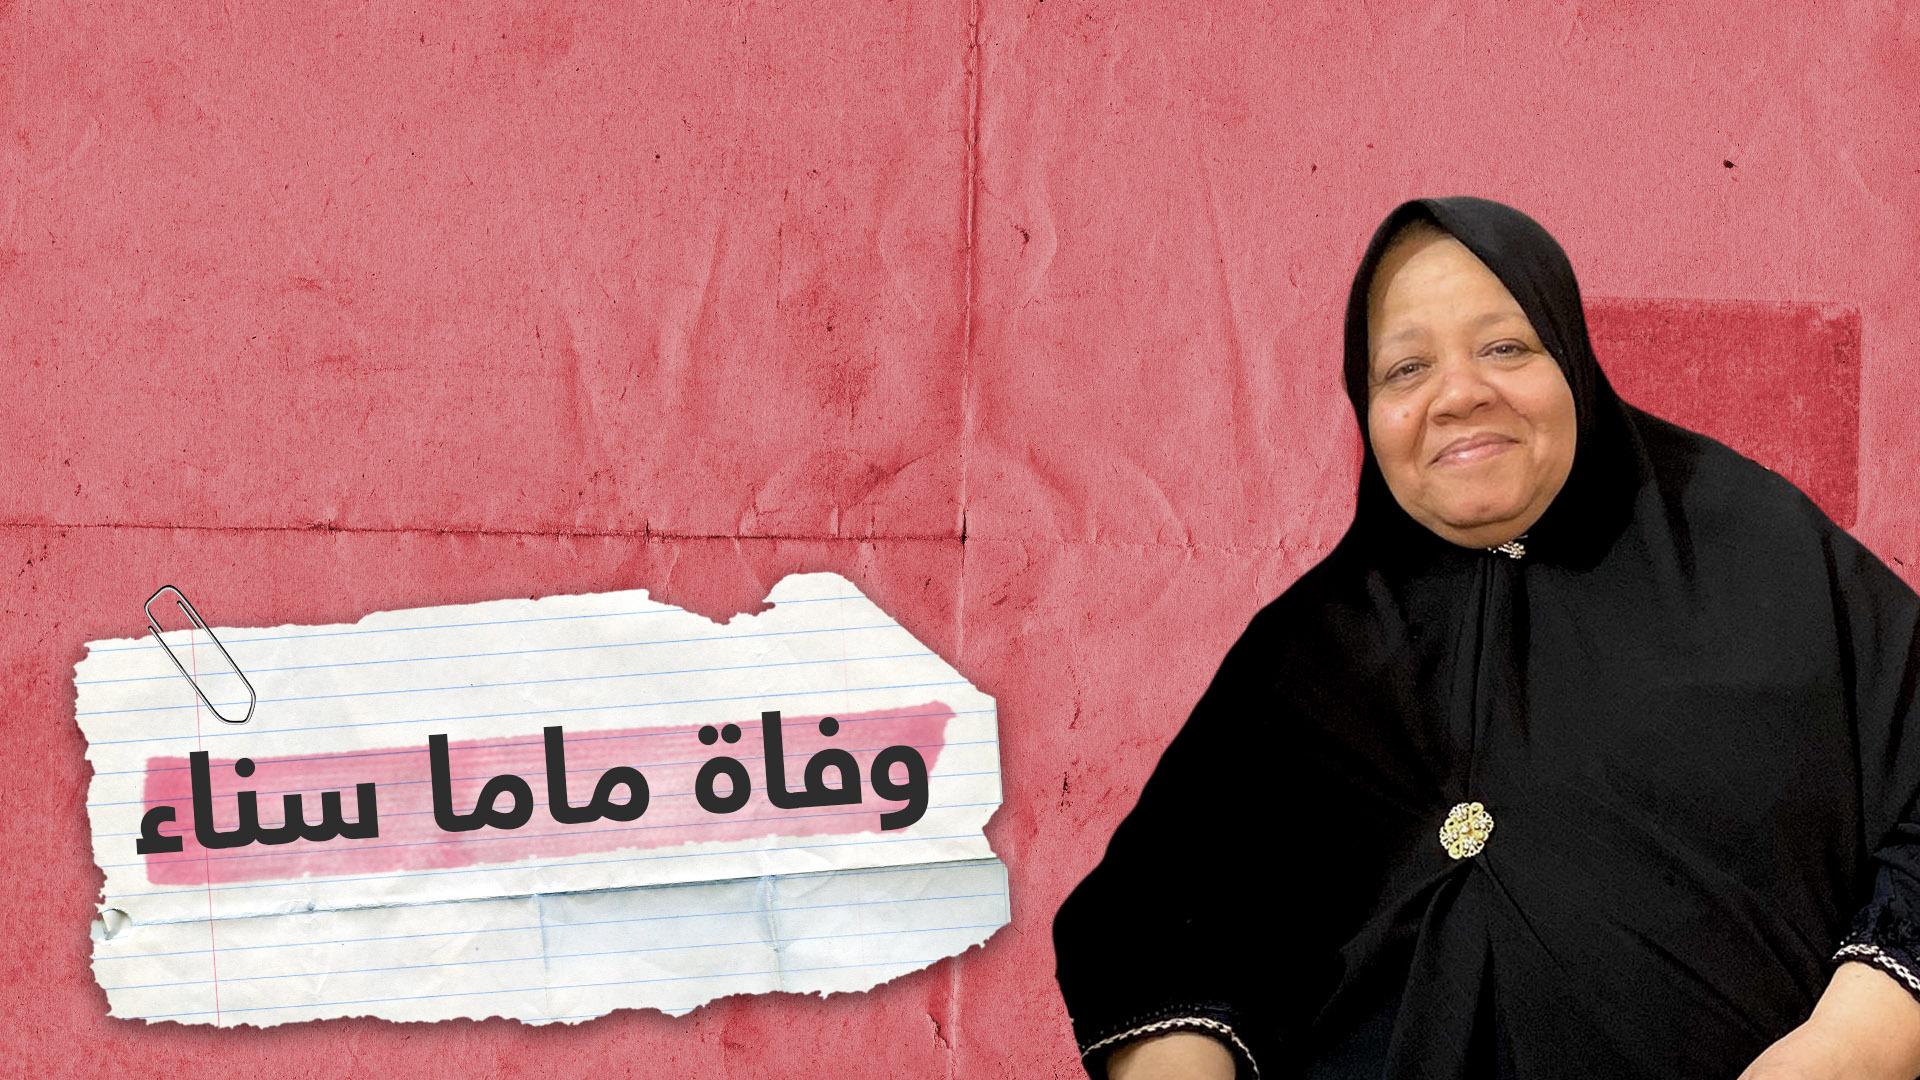 وفاة ماما سناء تتسبب في حزن رواد السوشيال ميديا